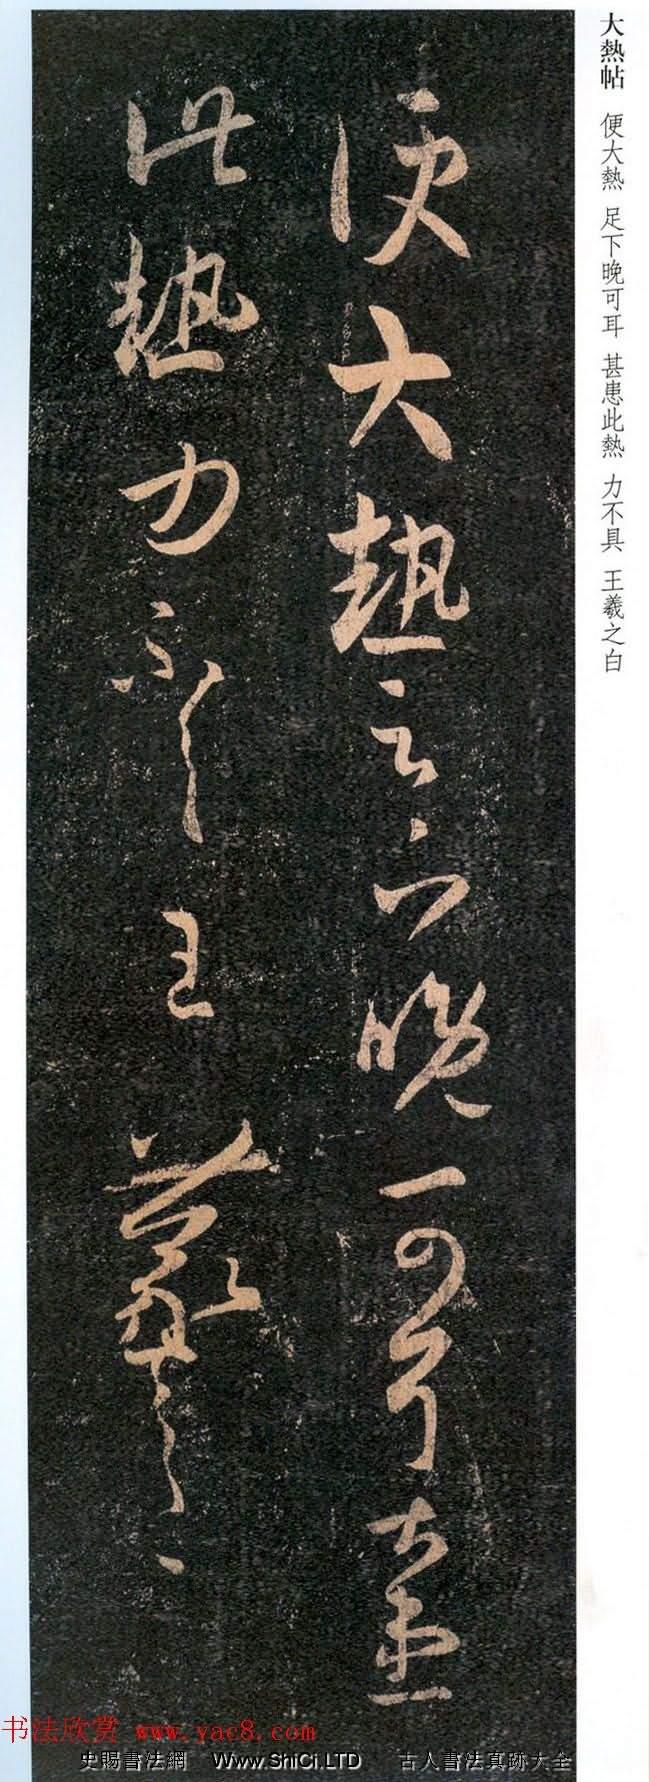 王羲之草書真跡欣賞《大熱帖》六種(共6張圖片)